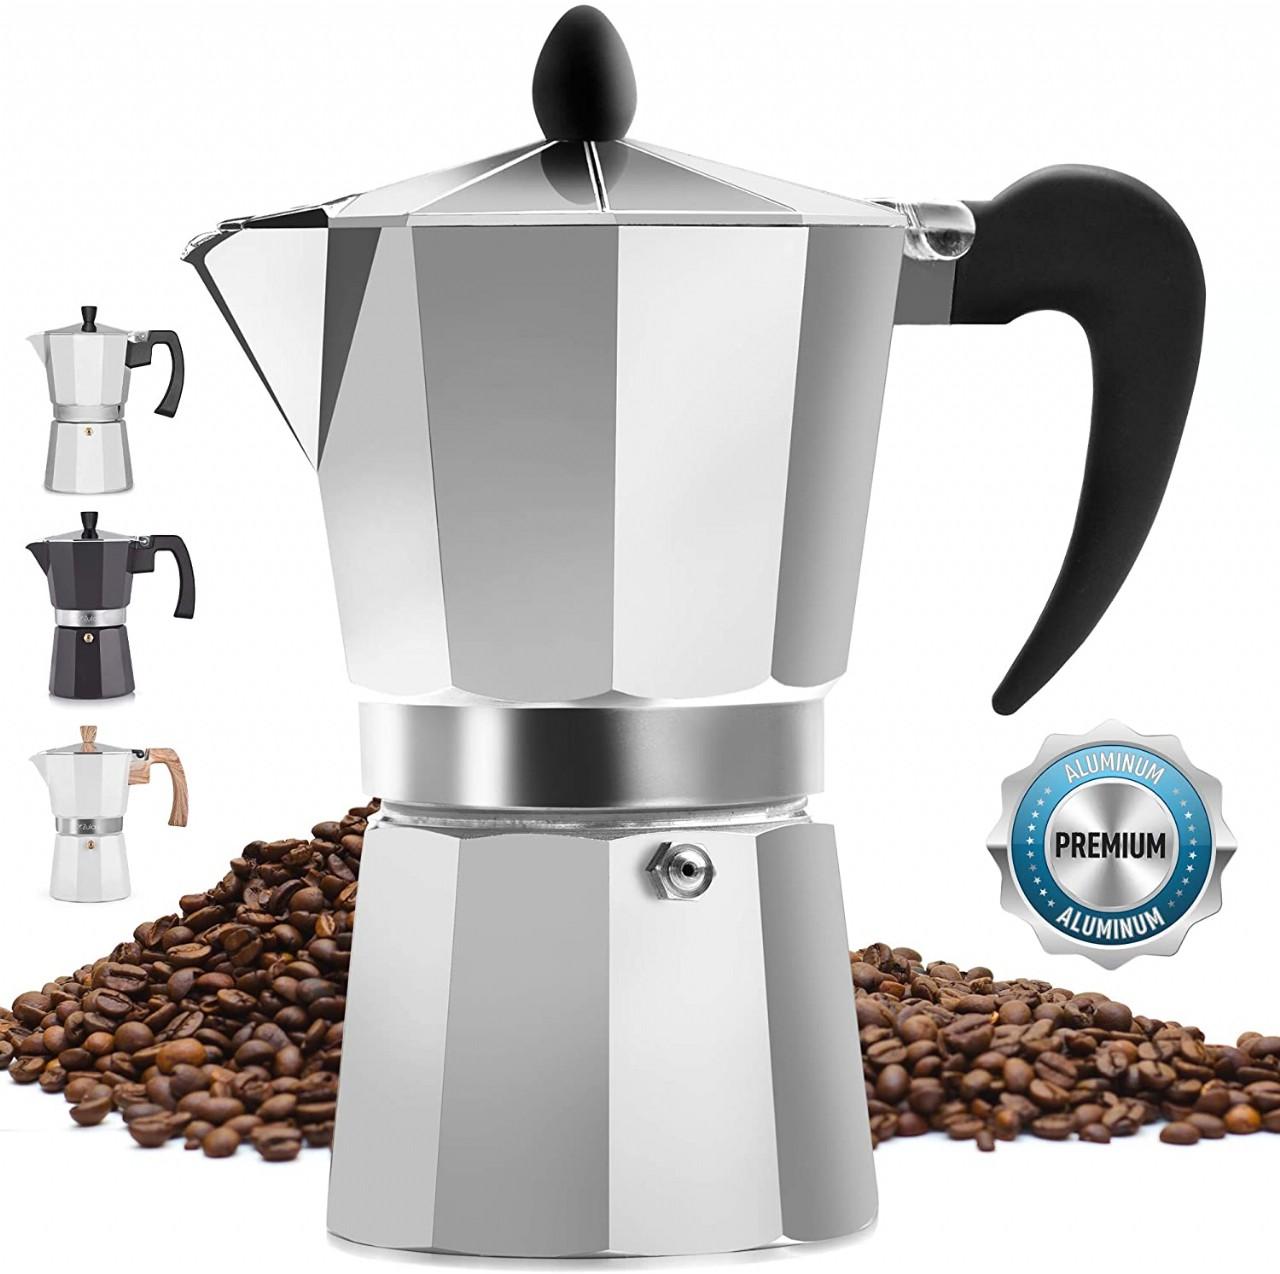 Classic Stovetop Espresso Maker for Great Flavored Strong Espresso, Classic Italian Style 3 Espresso